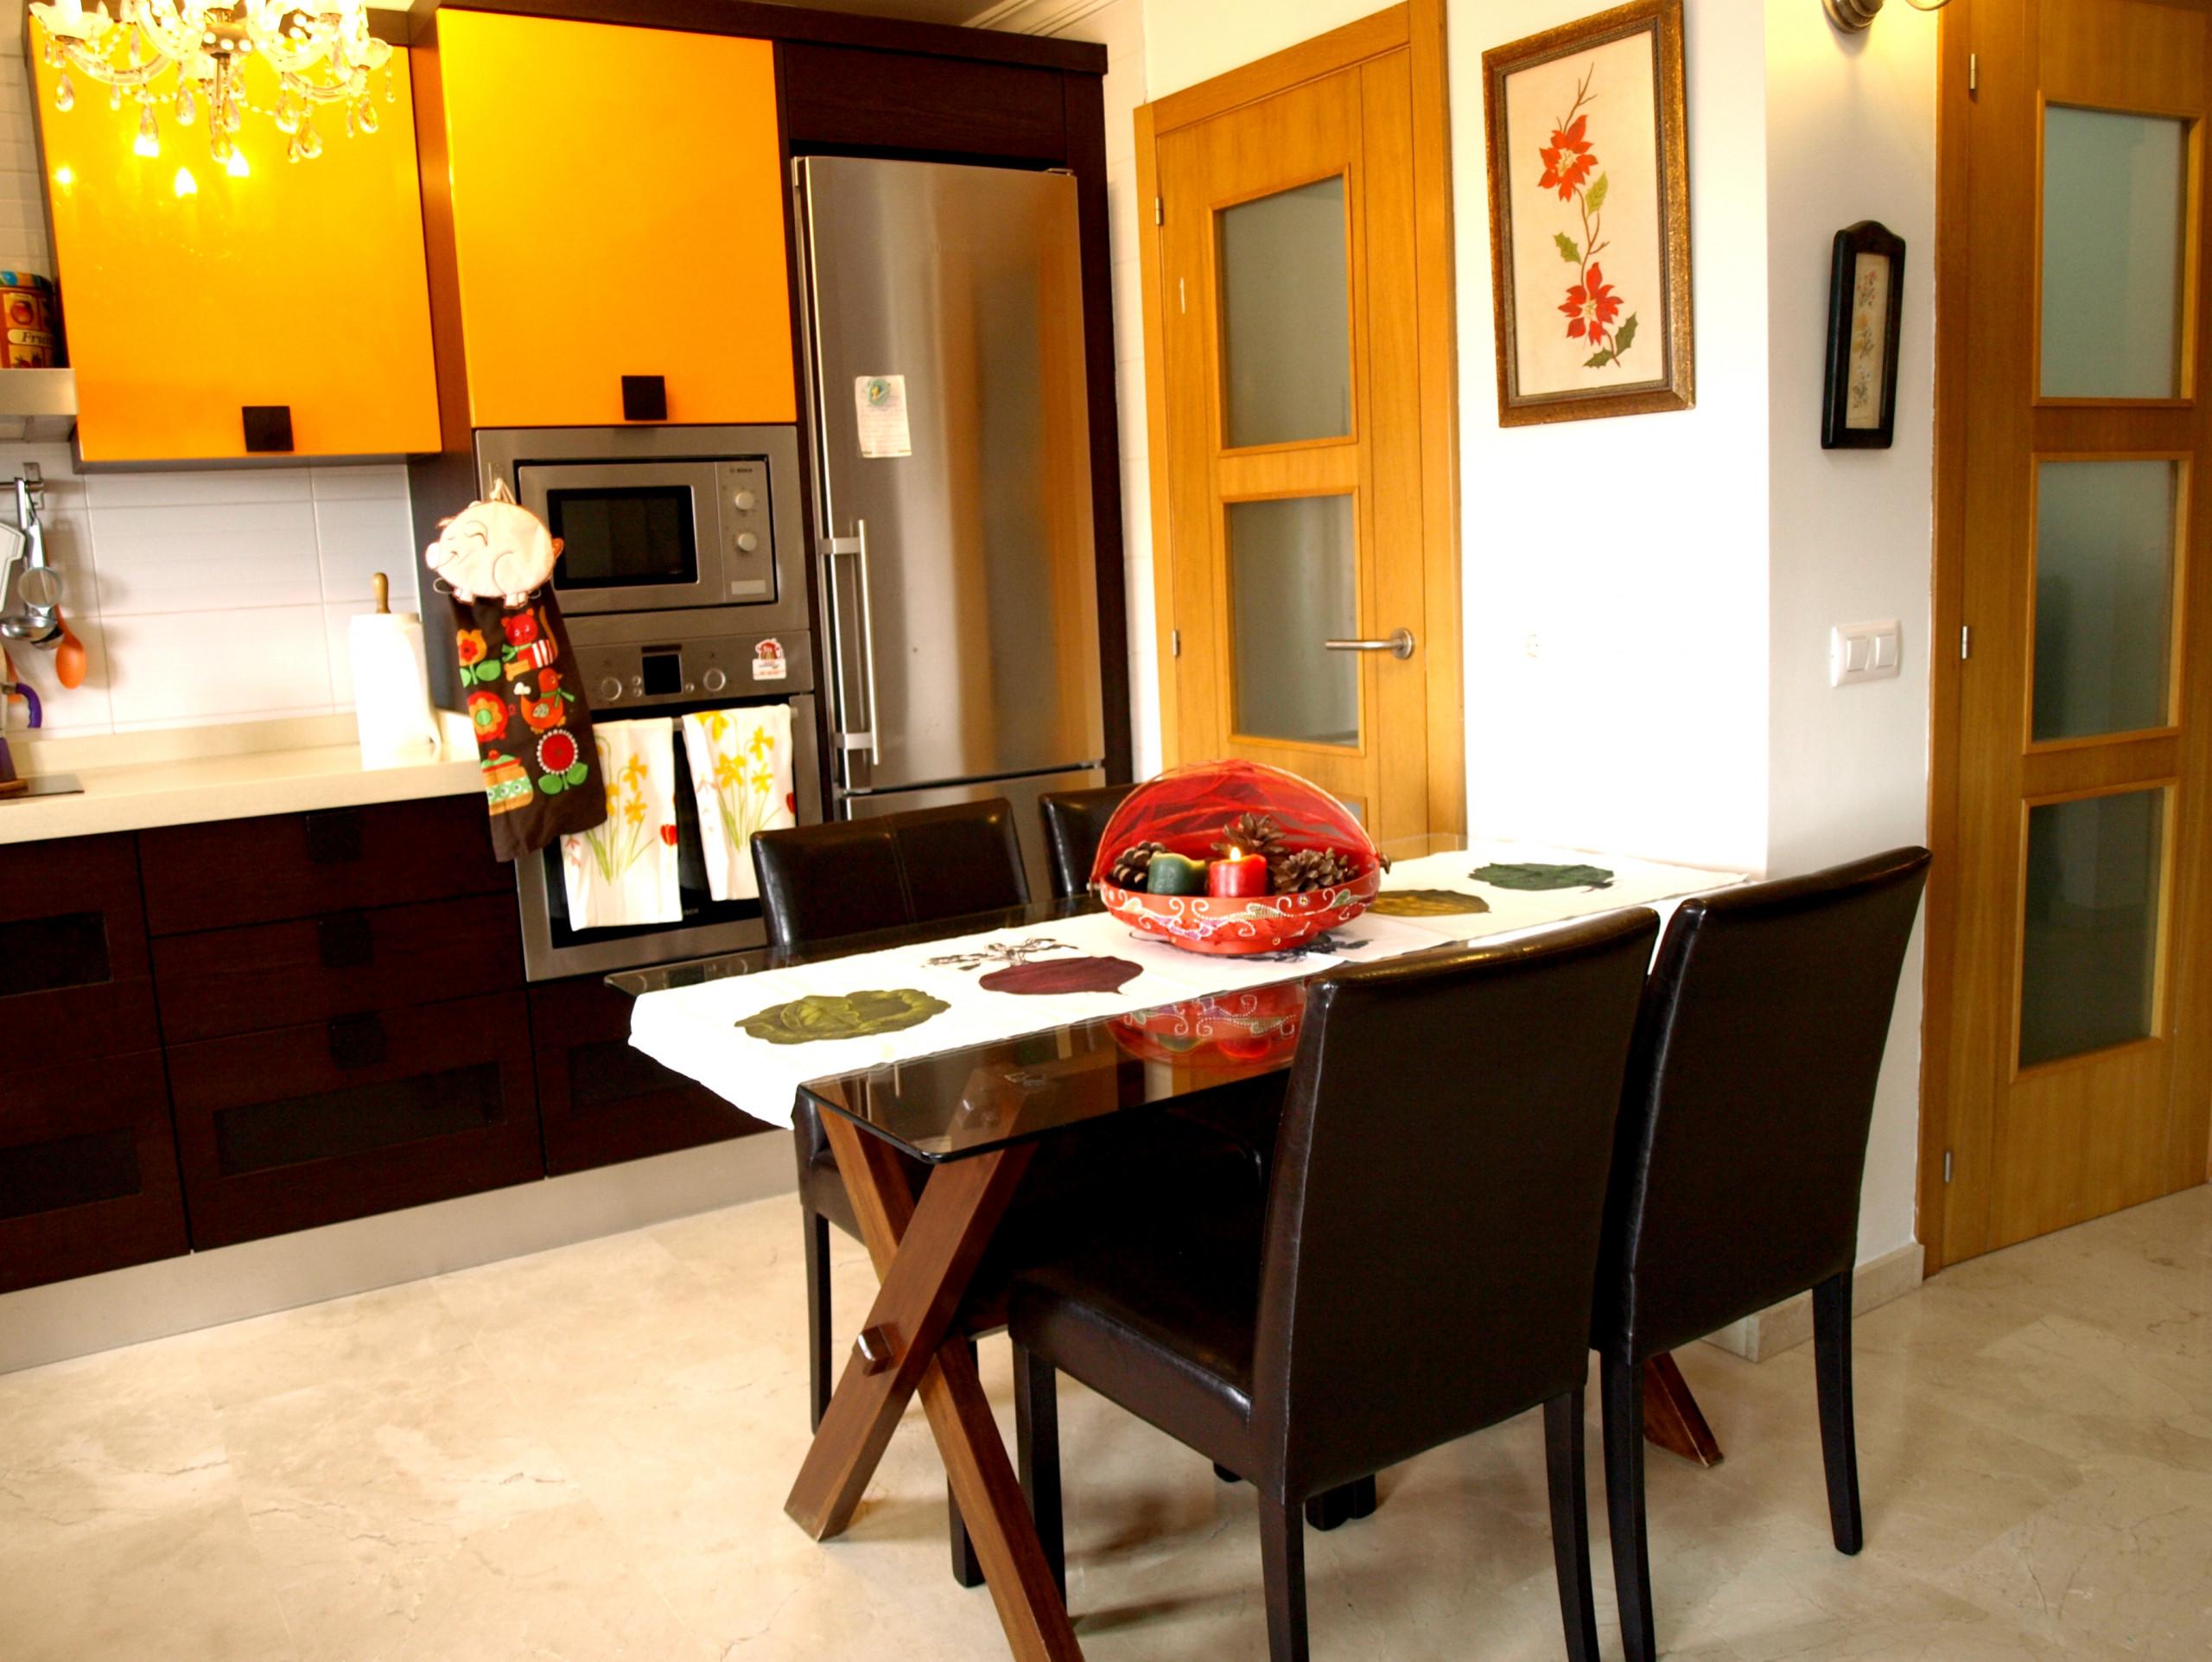 Apartamentos en las palmas de gran canaria duplex amplio y detallista junto a la playa - Apartamento en las palmas de gran canaria ...